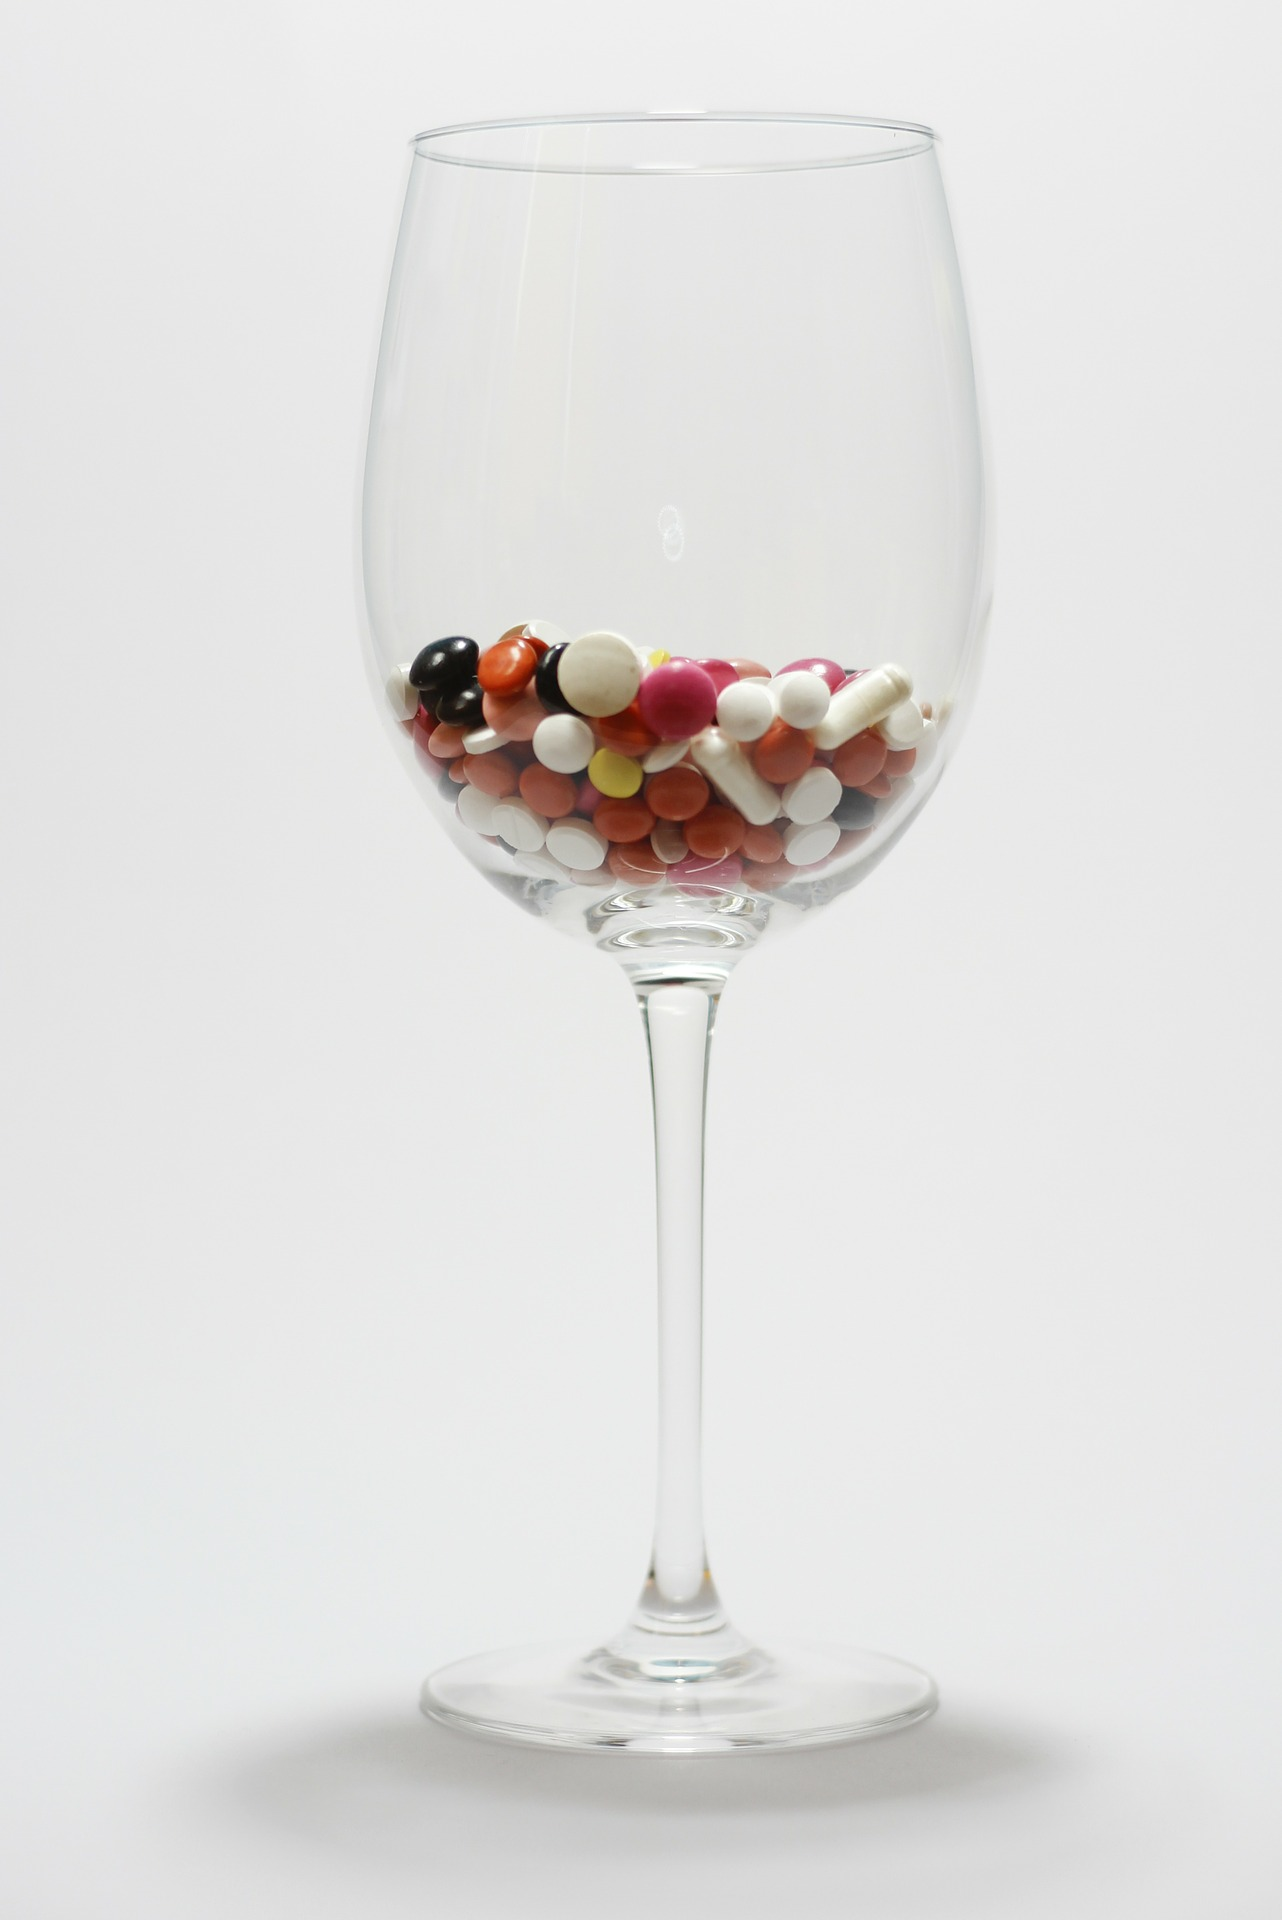 medications-342468_1920.jpg